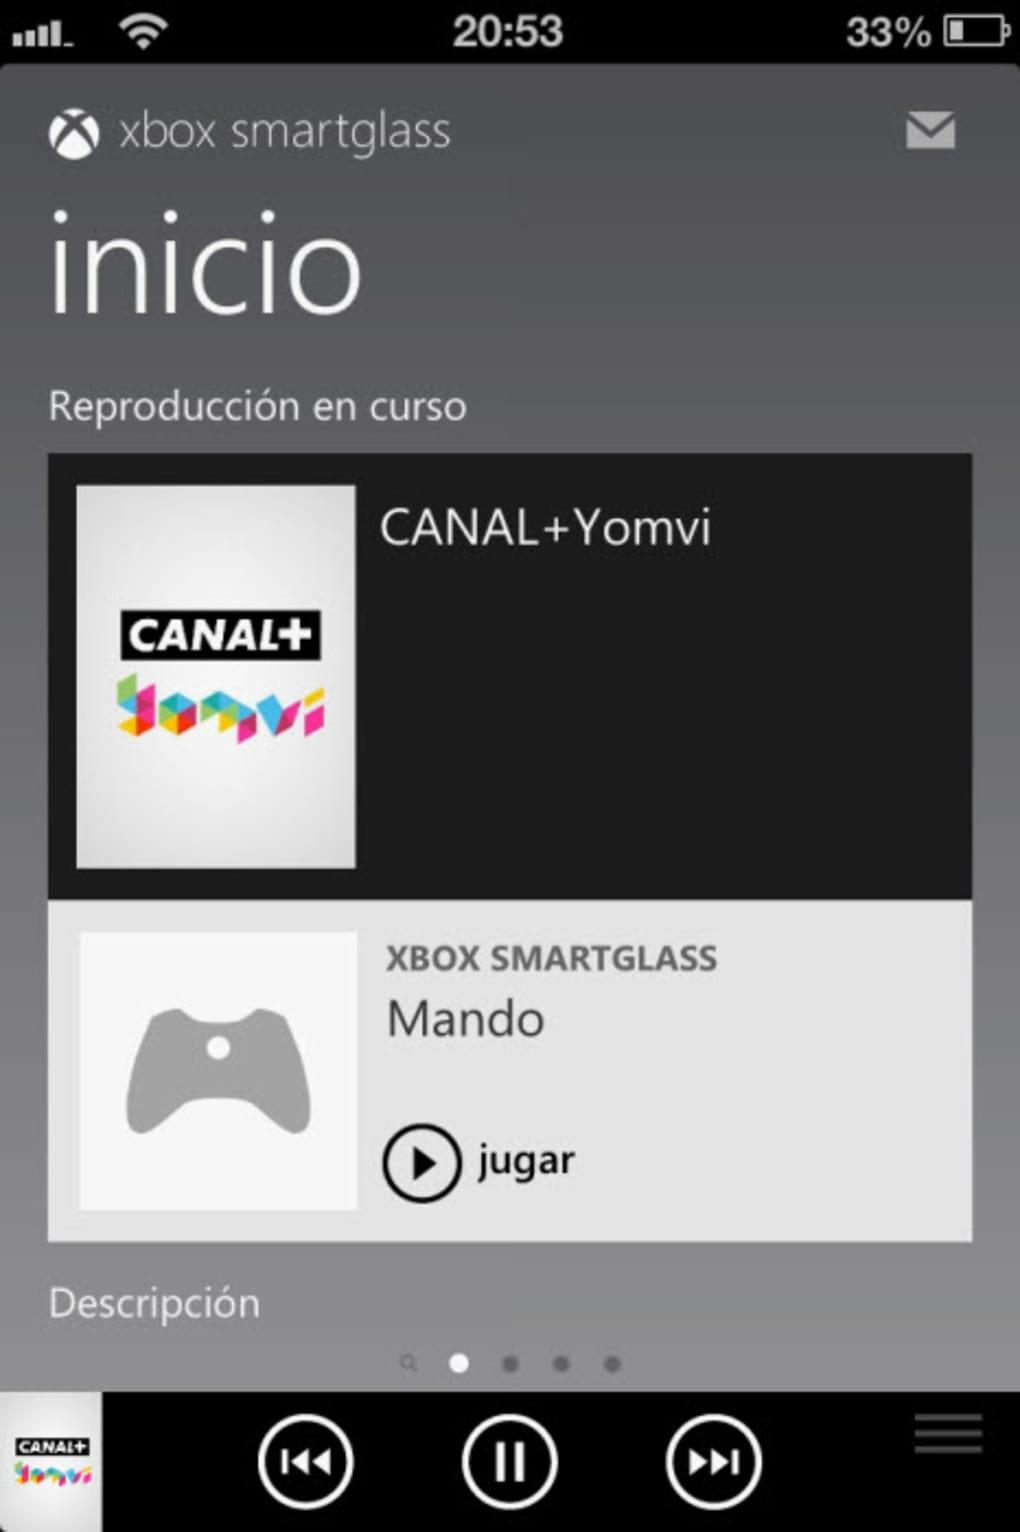 Xbox SmartGlass para iPhone - Descargar